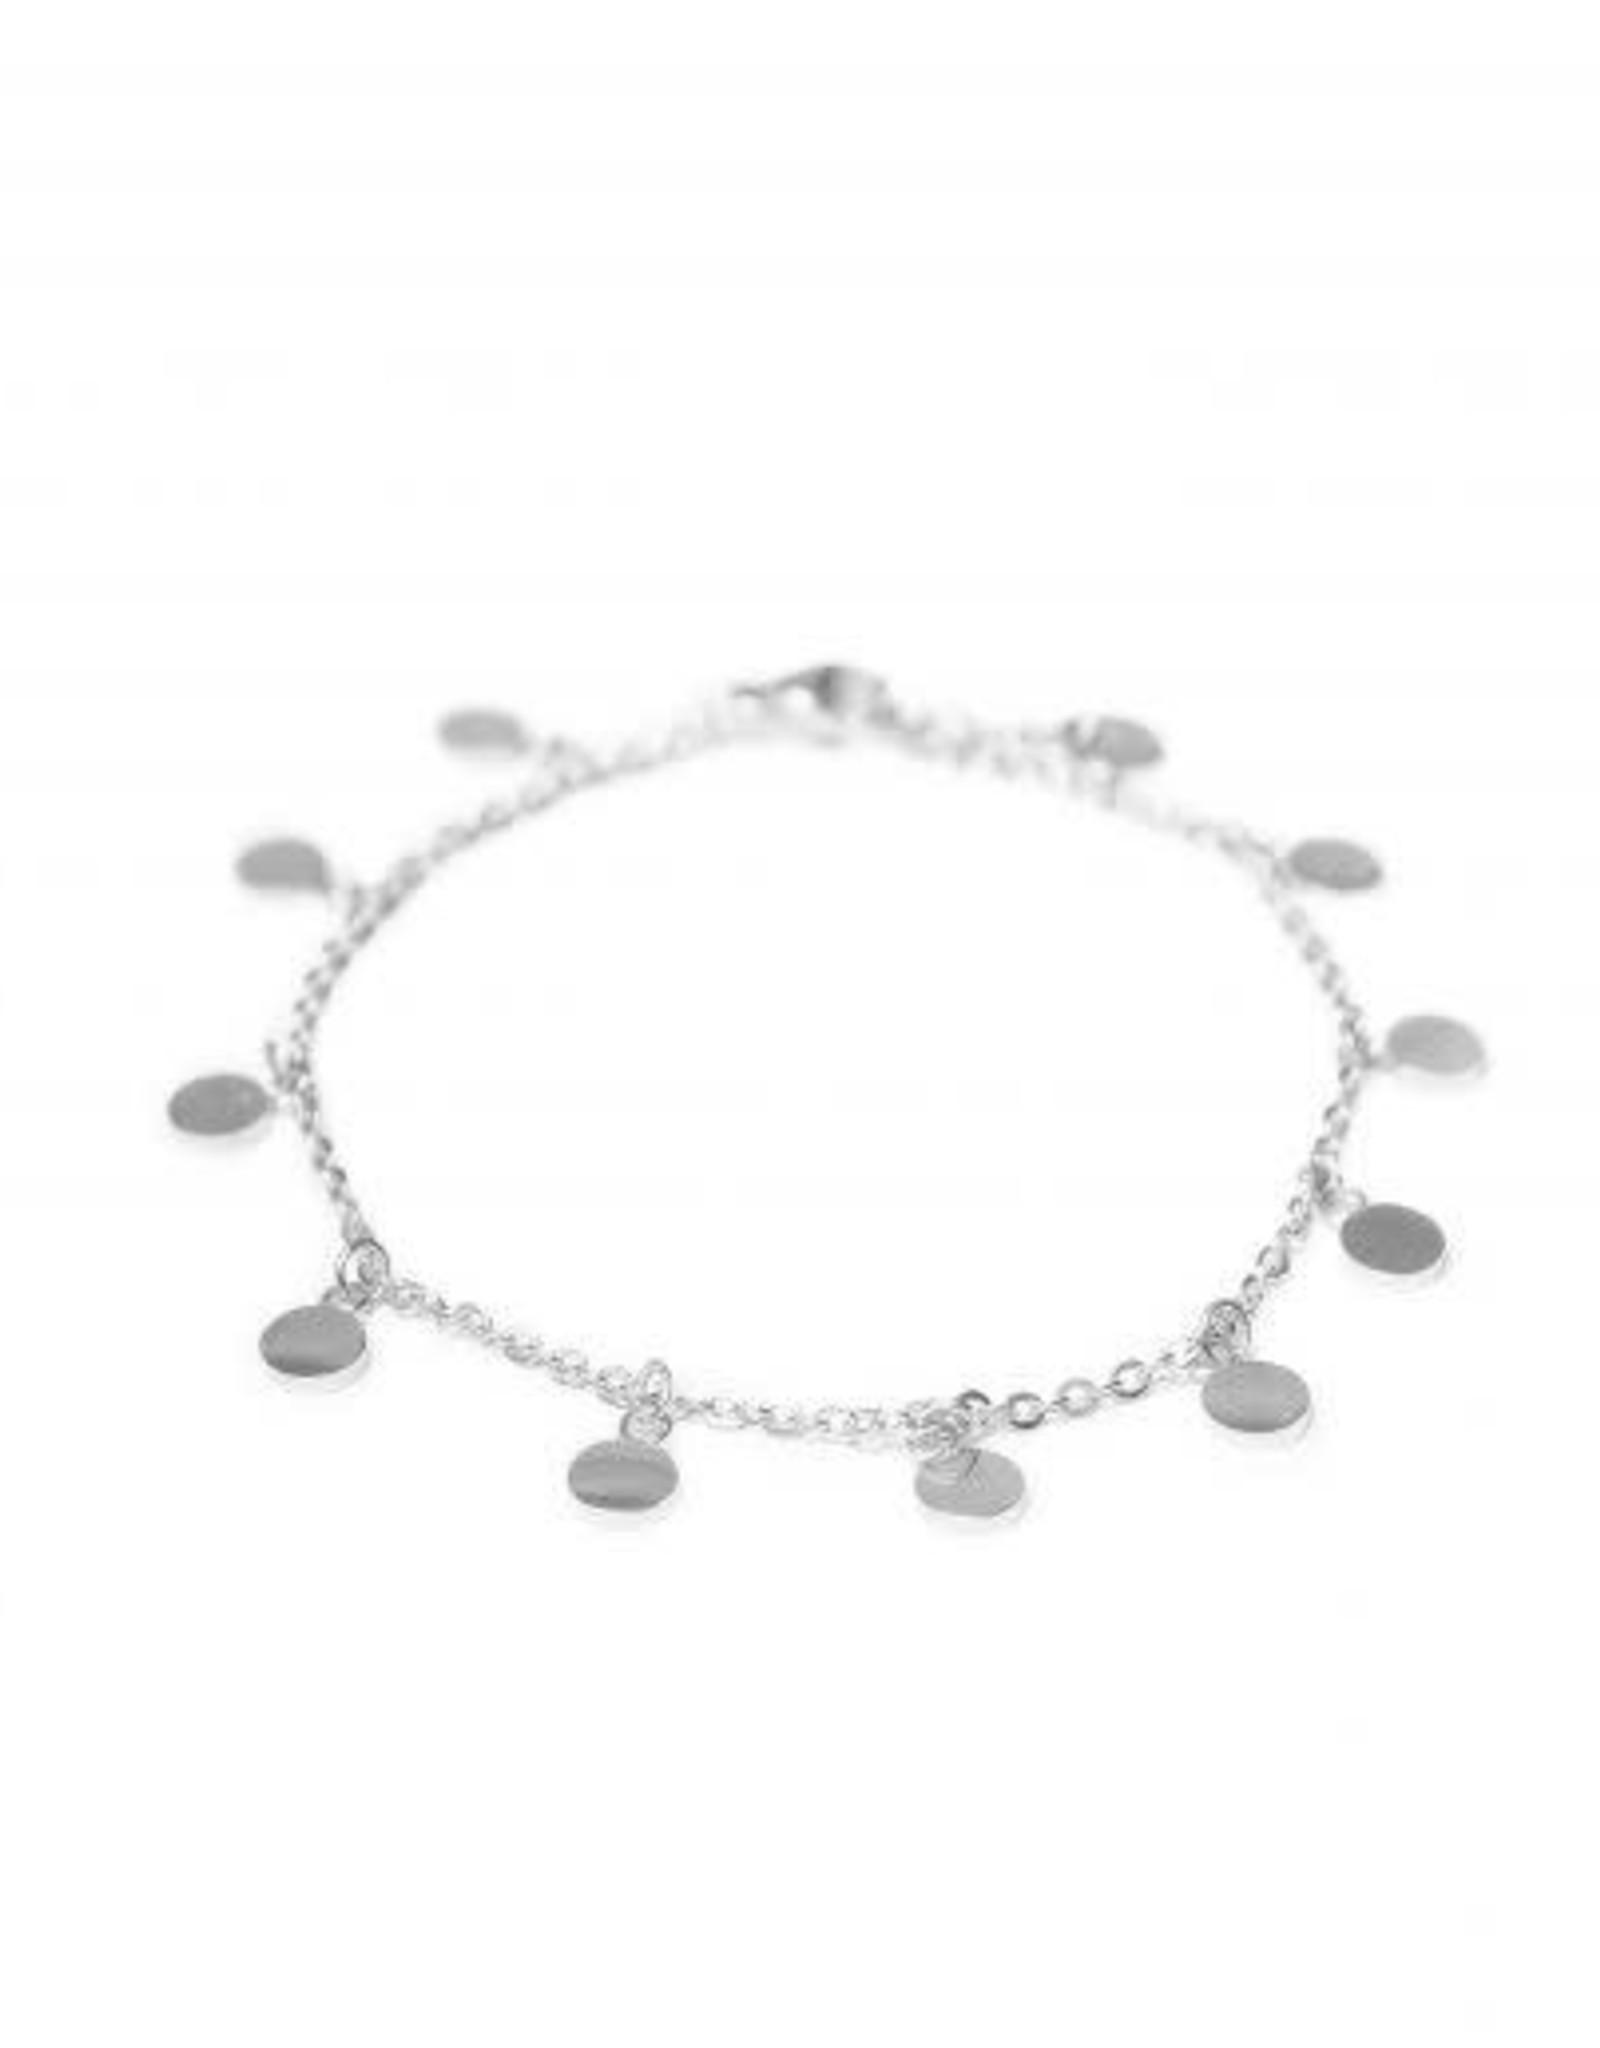 Label kiki label kiki bracelet mini label silver